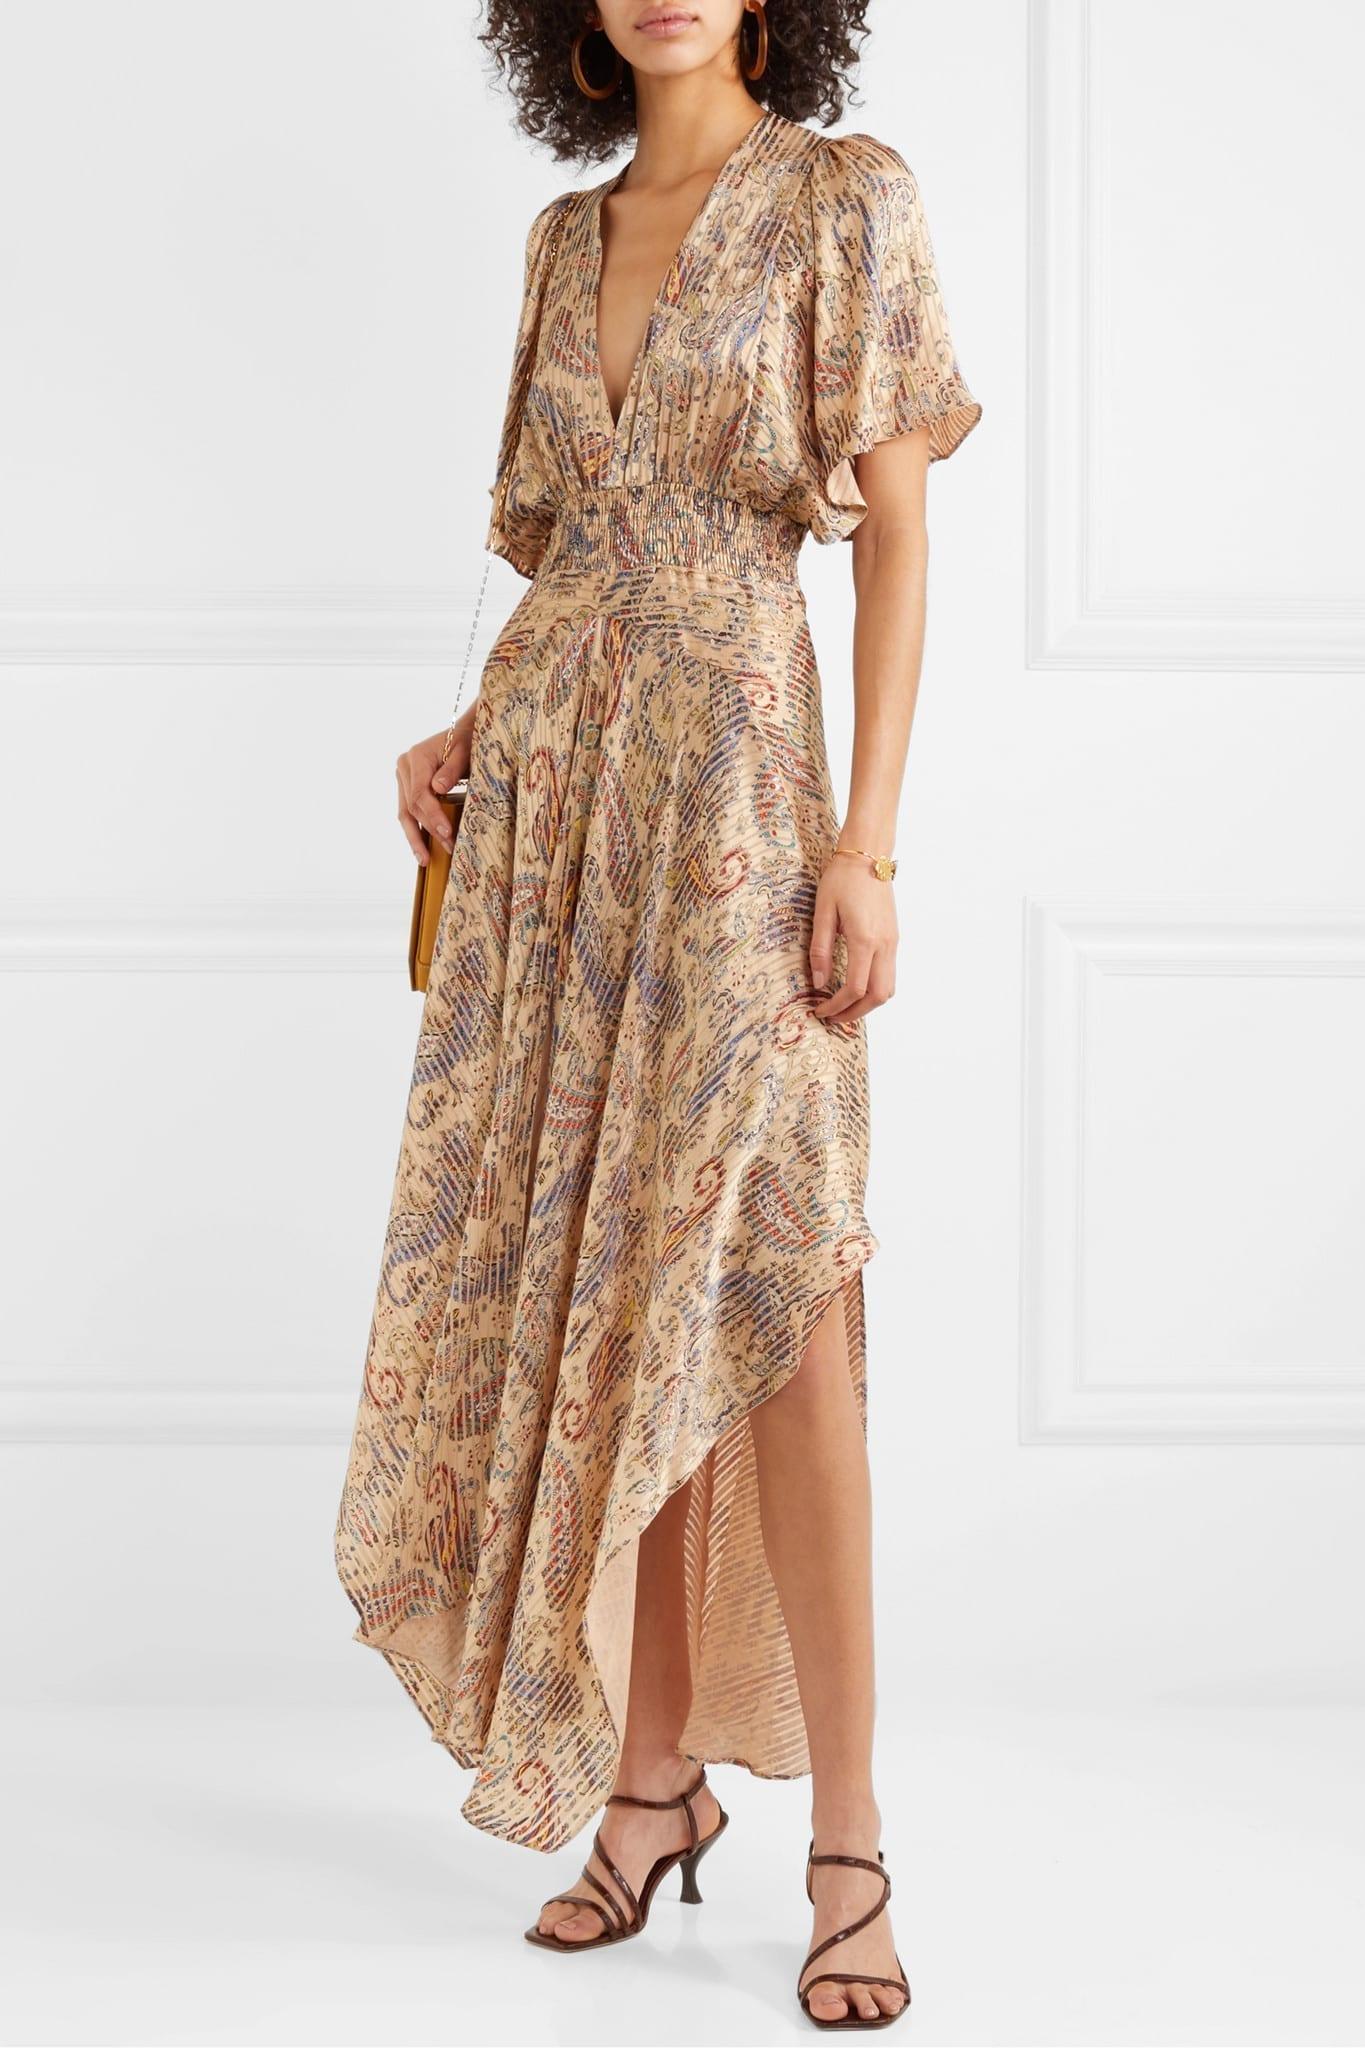 MAJE Rachel Asymmetric Printed Devoré-satin Dress